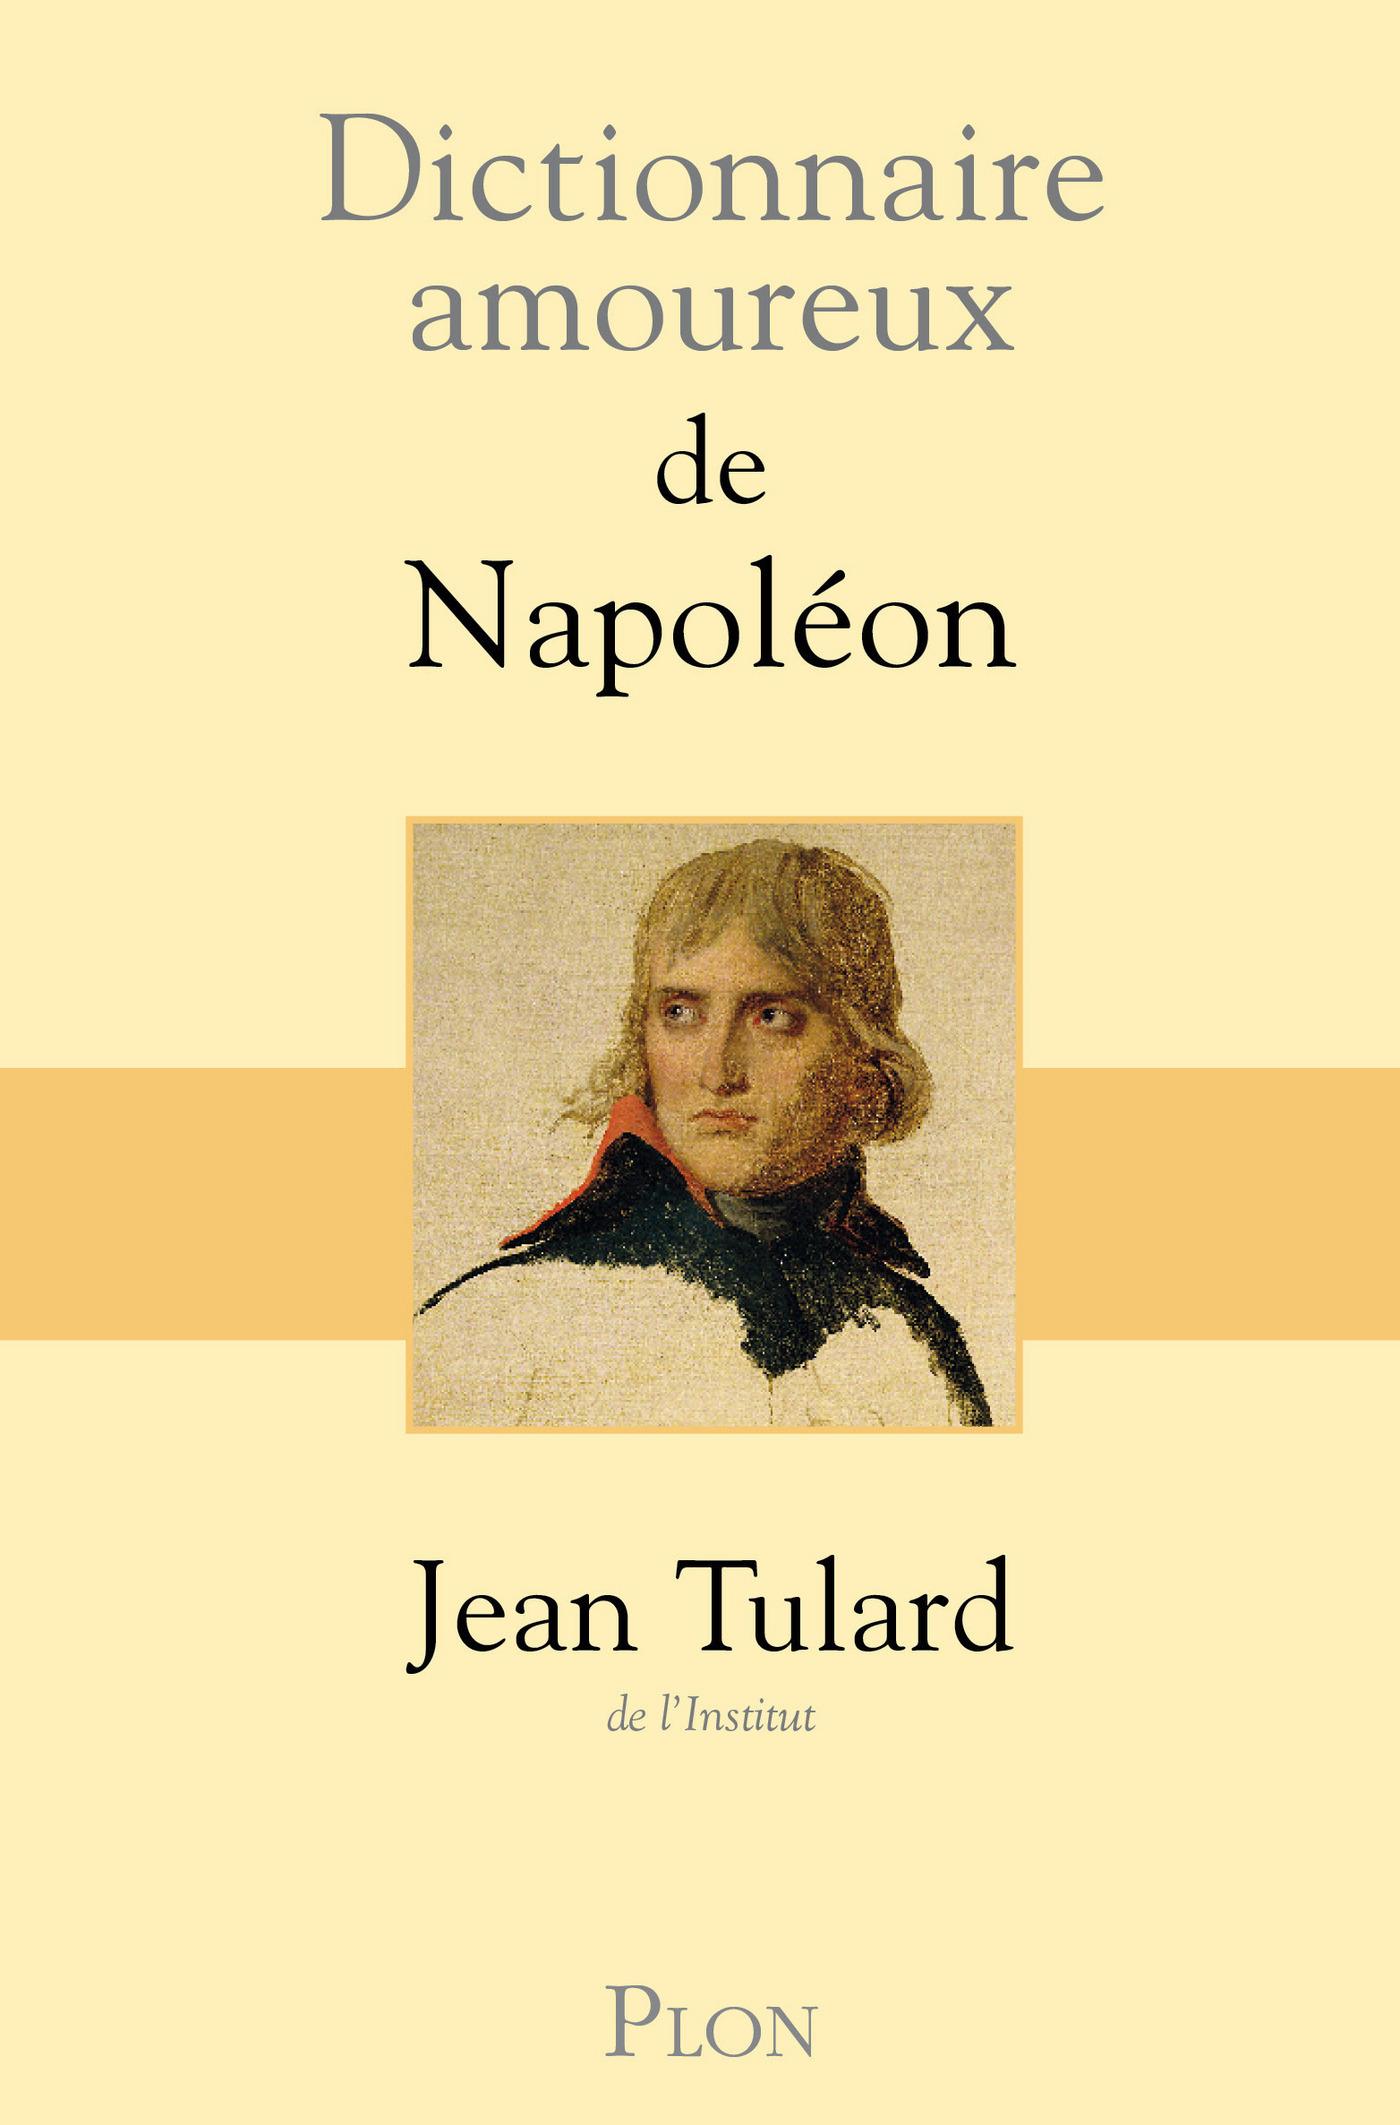 Dictionnaire amoureux de Napol?on